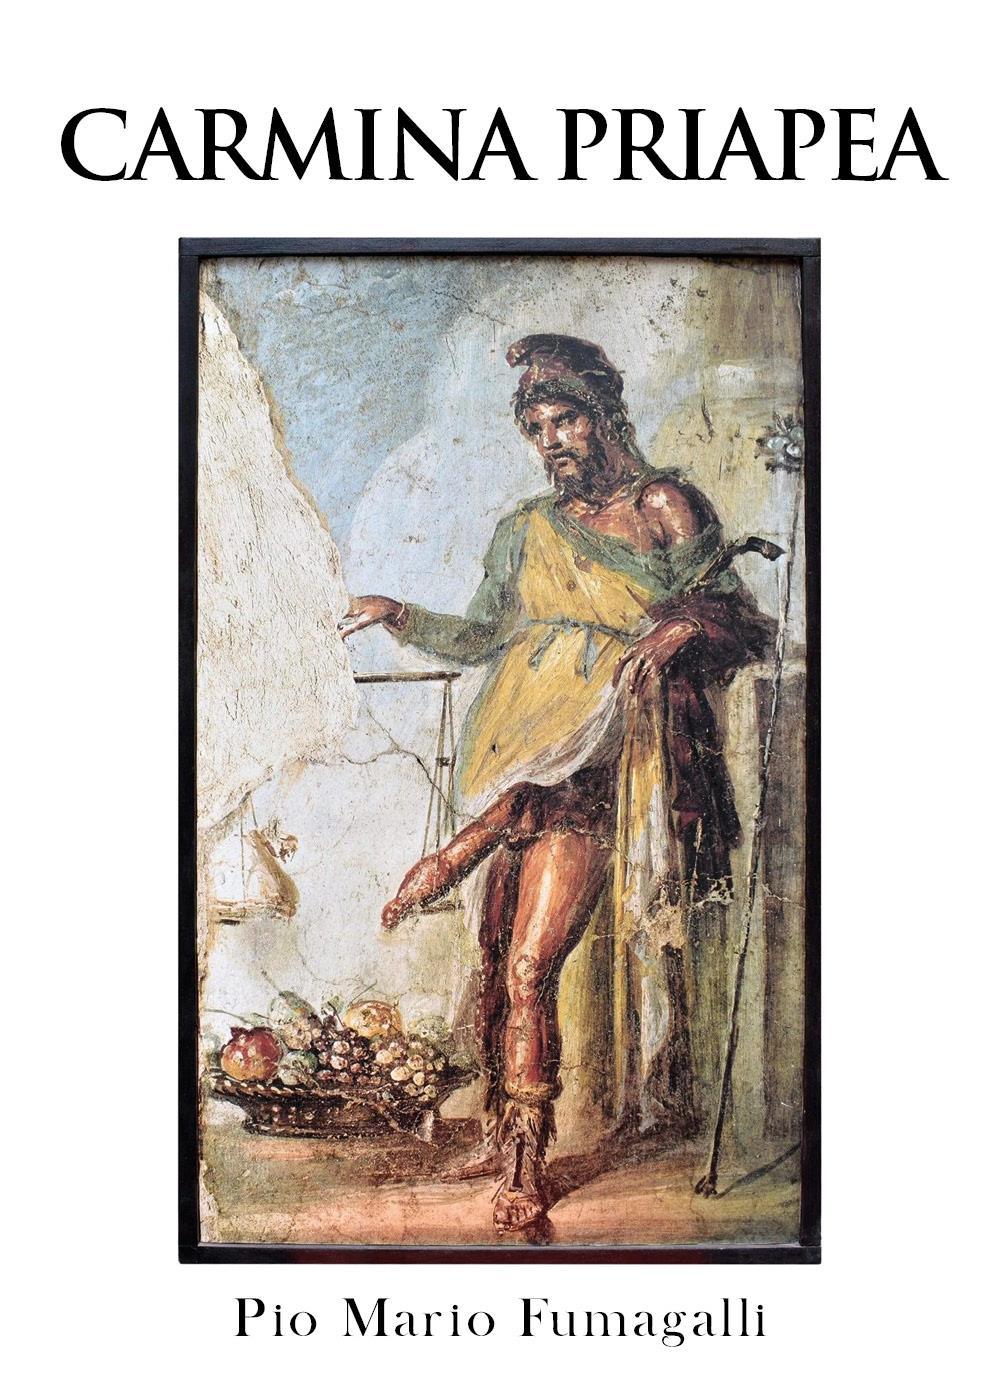 Carmina Priapea